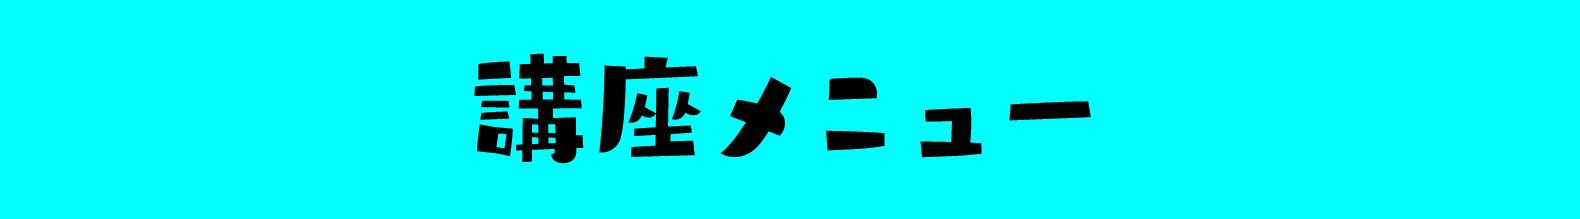 メニューバー_講座_アートボード 1.png